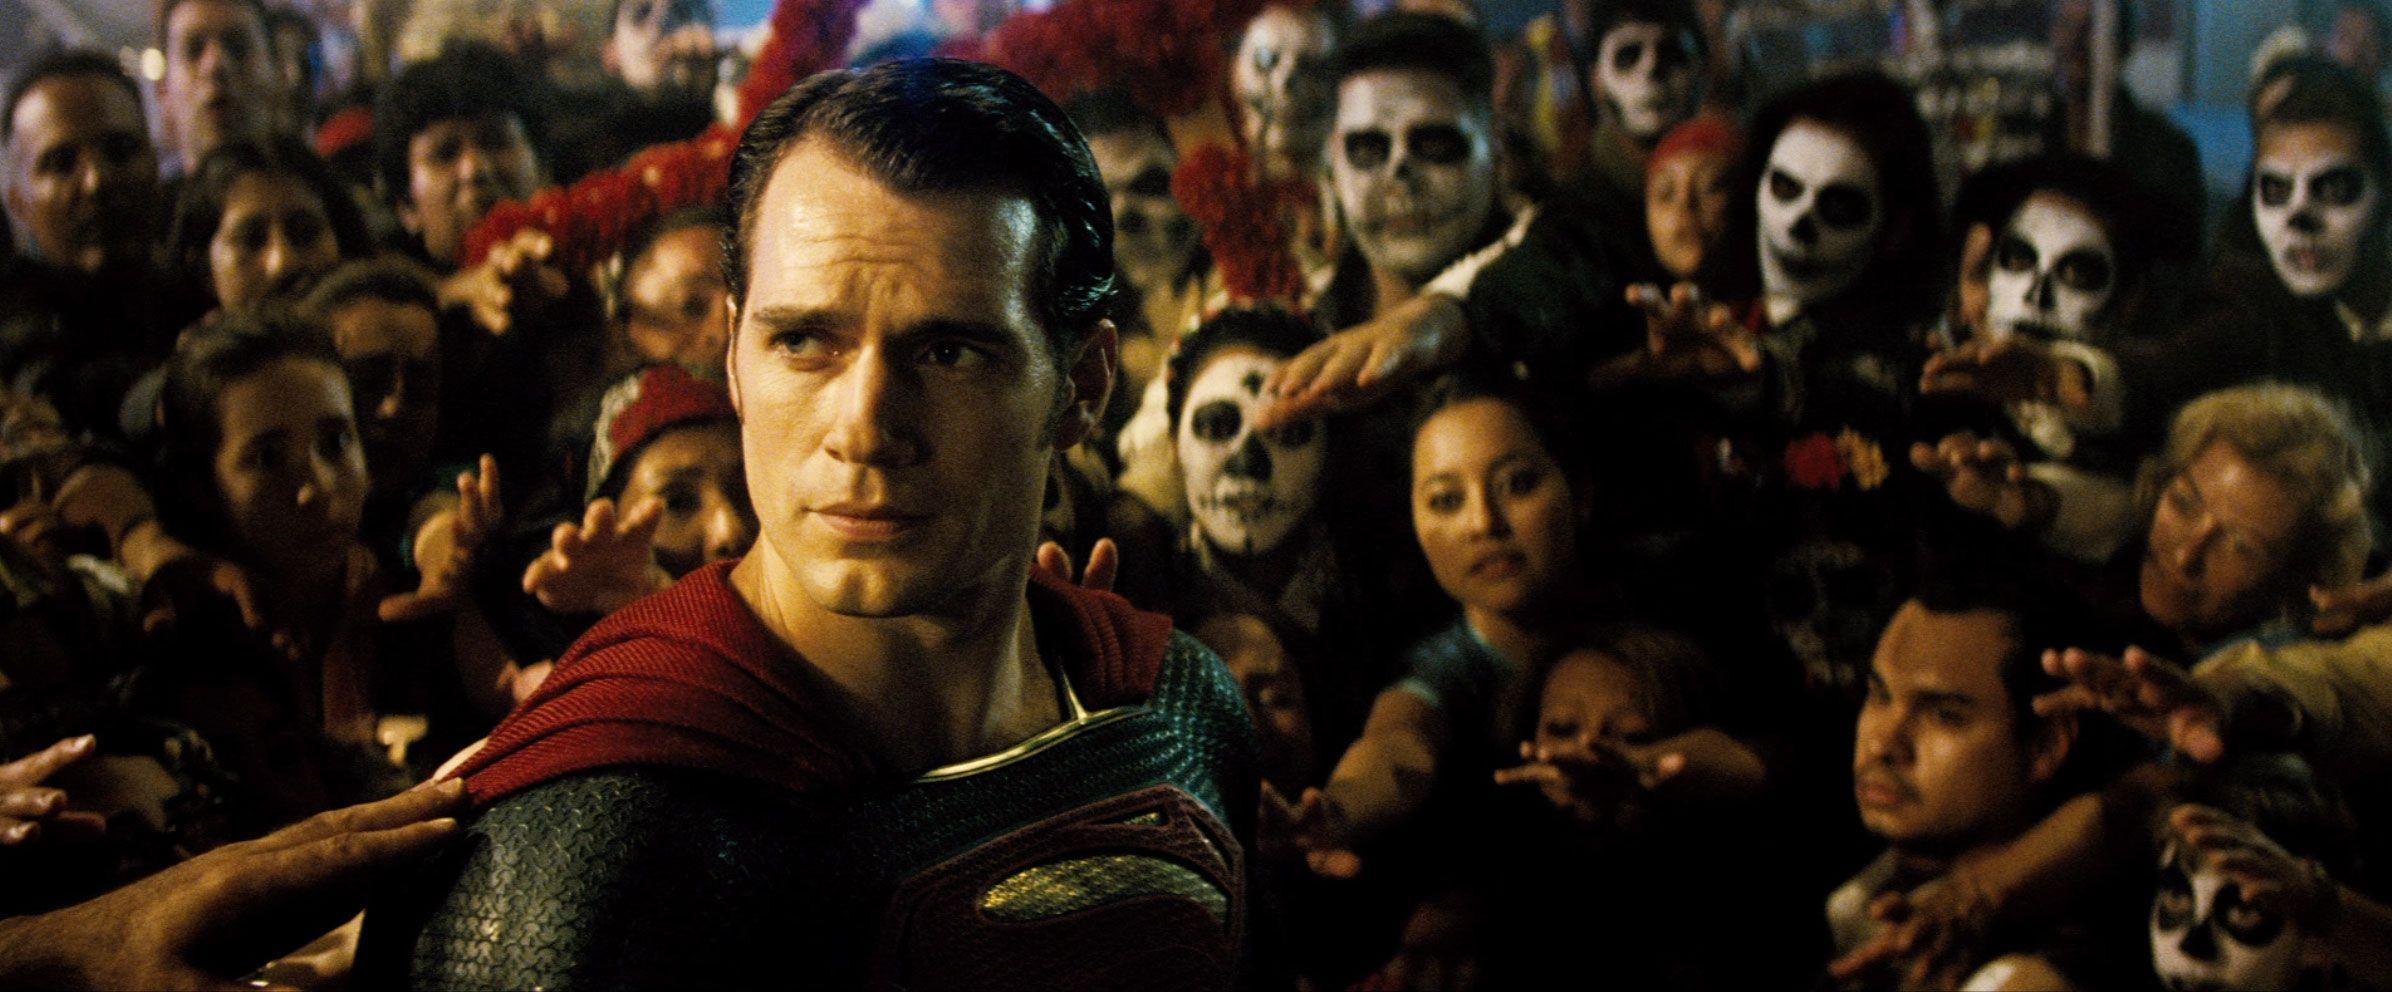 Superman olhando para o horizonte enquanto pessoas no Dia dos Mortos tentam tocar nele